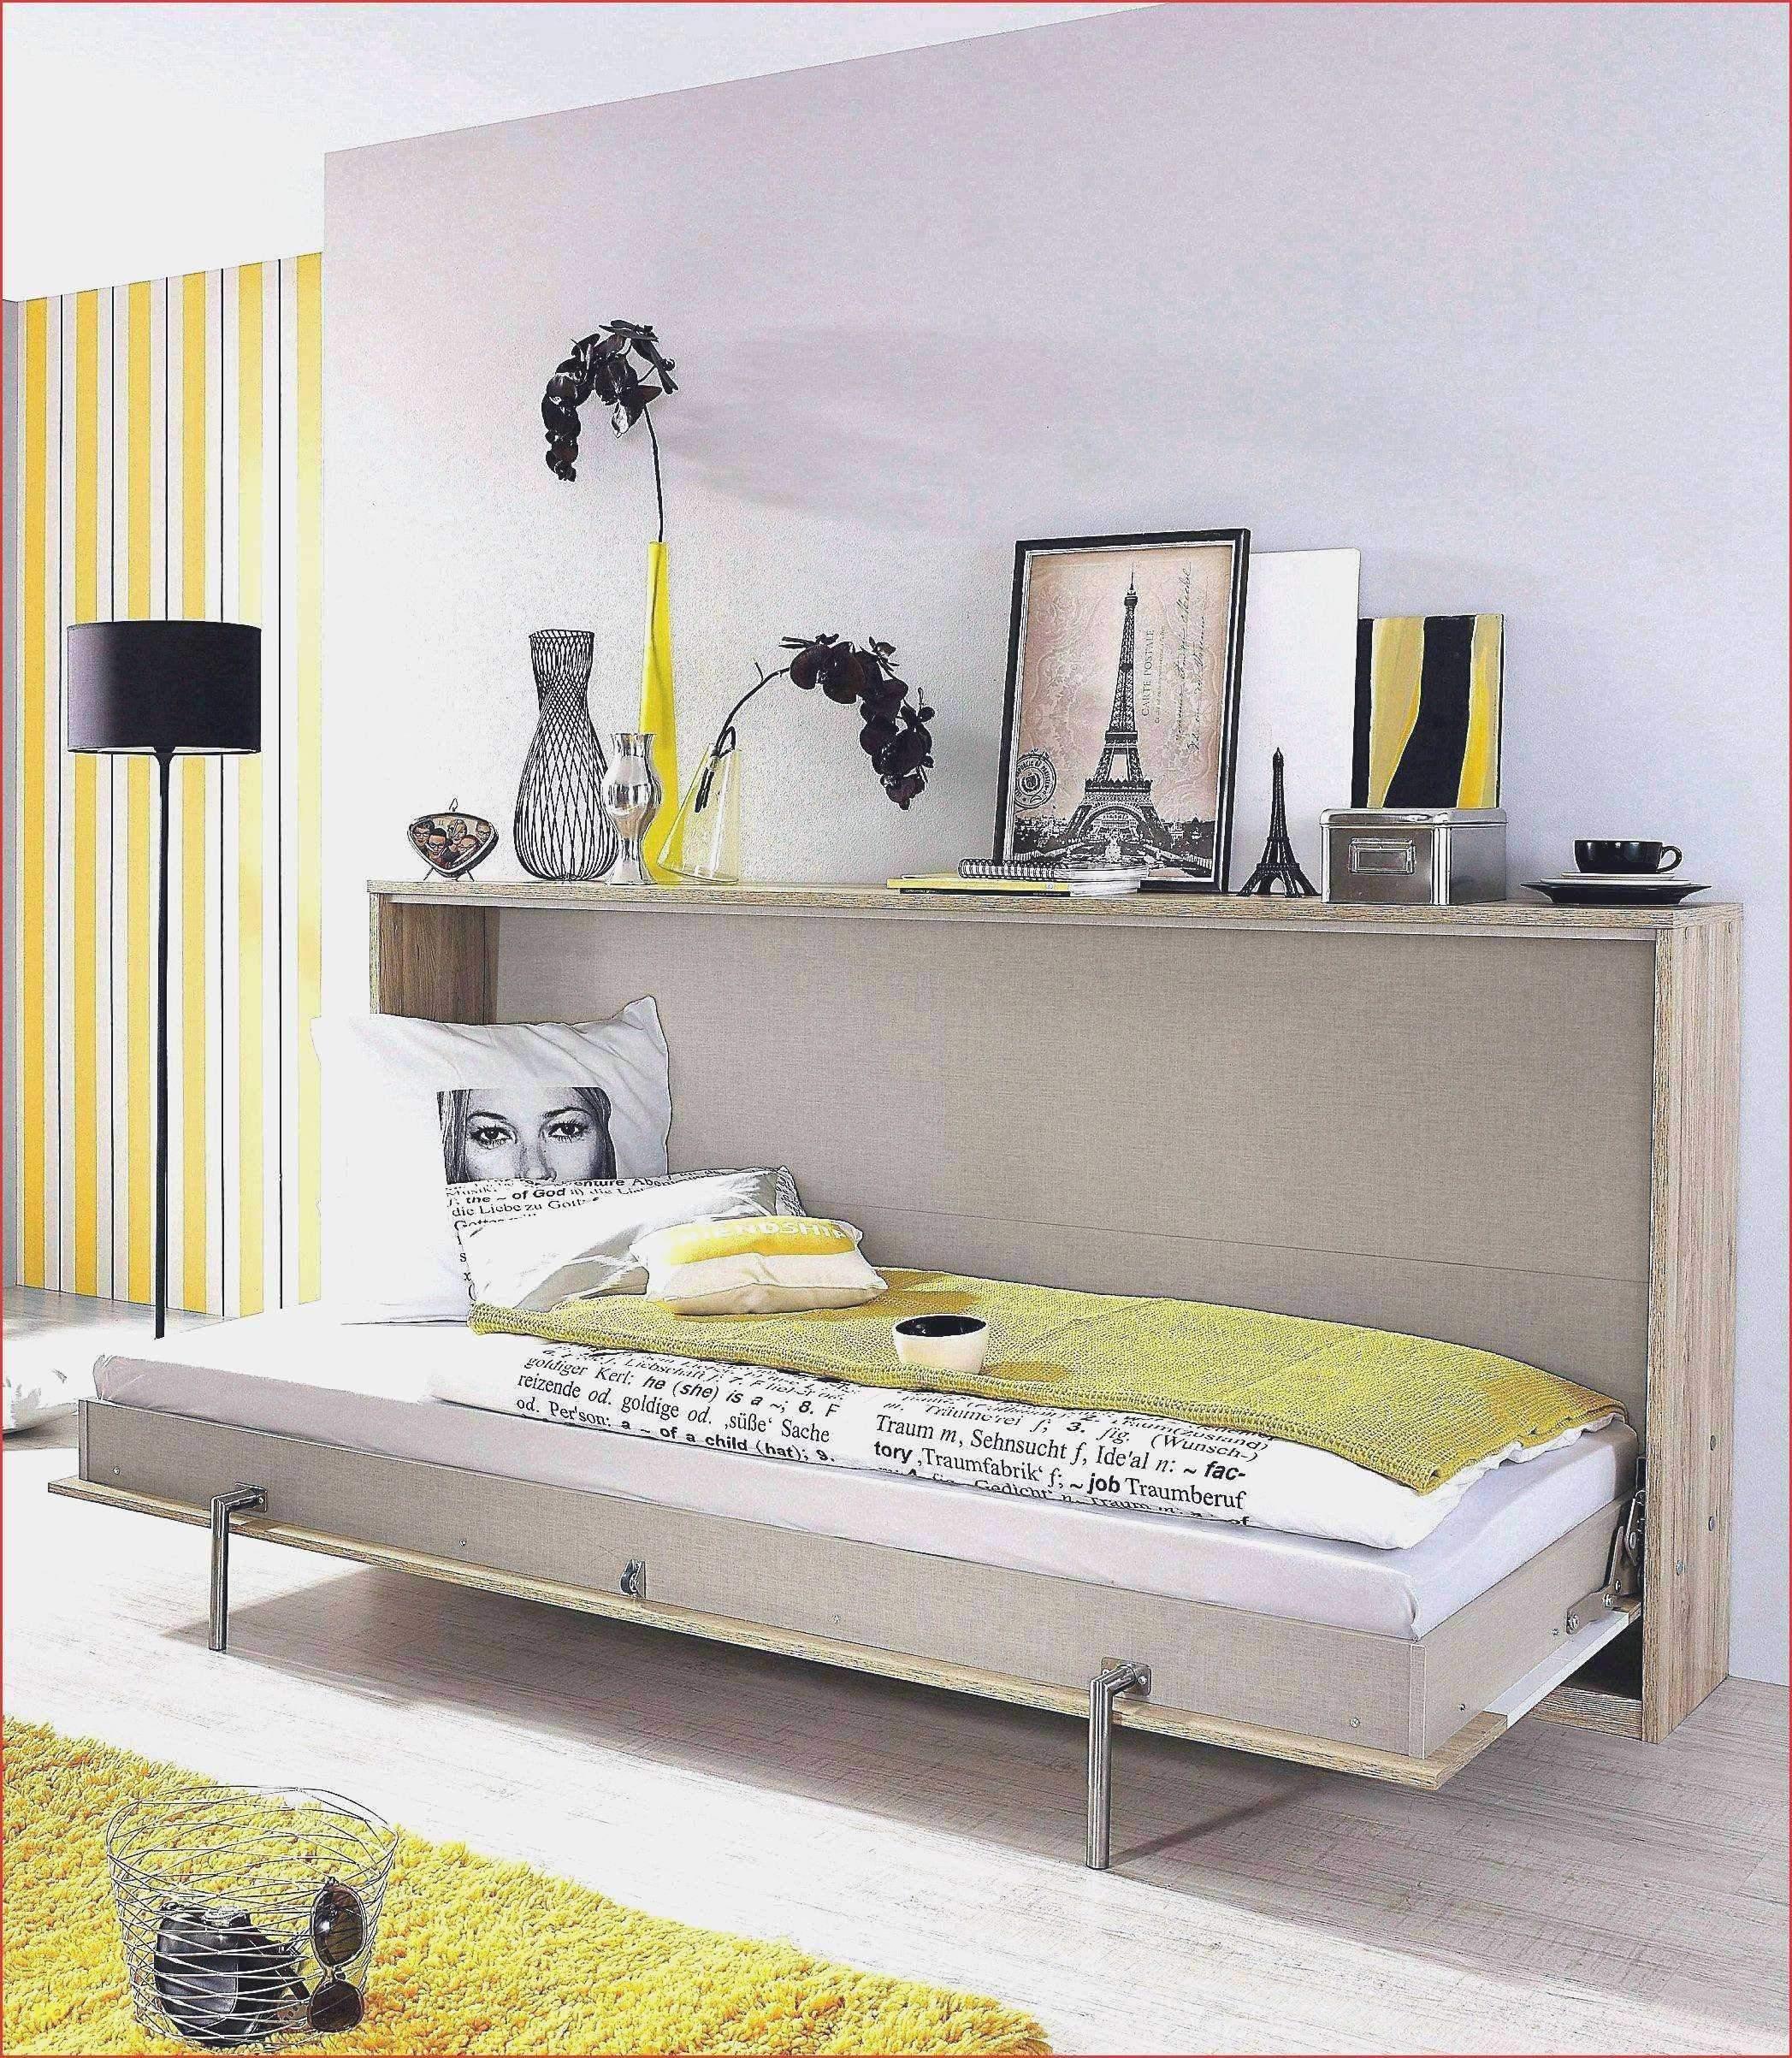 Deko Ideen Für Garten Neu 26 Neu Wohnzimmer Ideen Für Kleine Räume Frisch